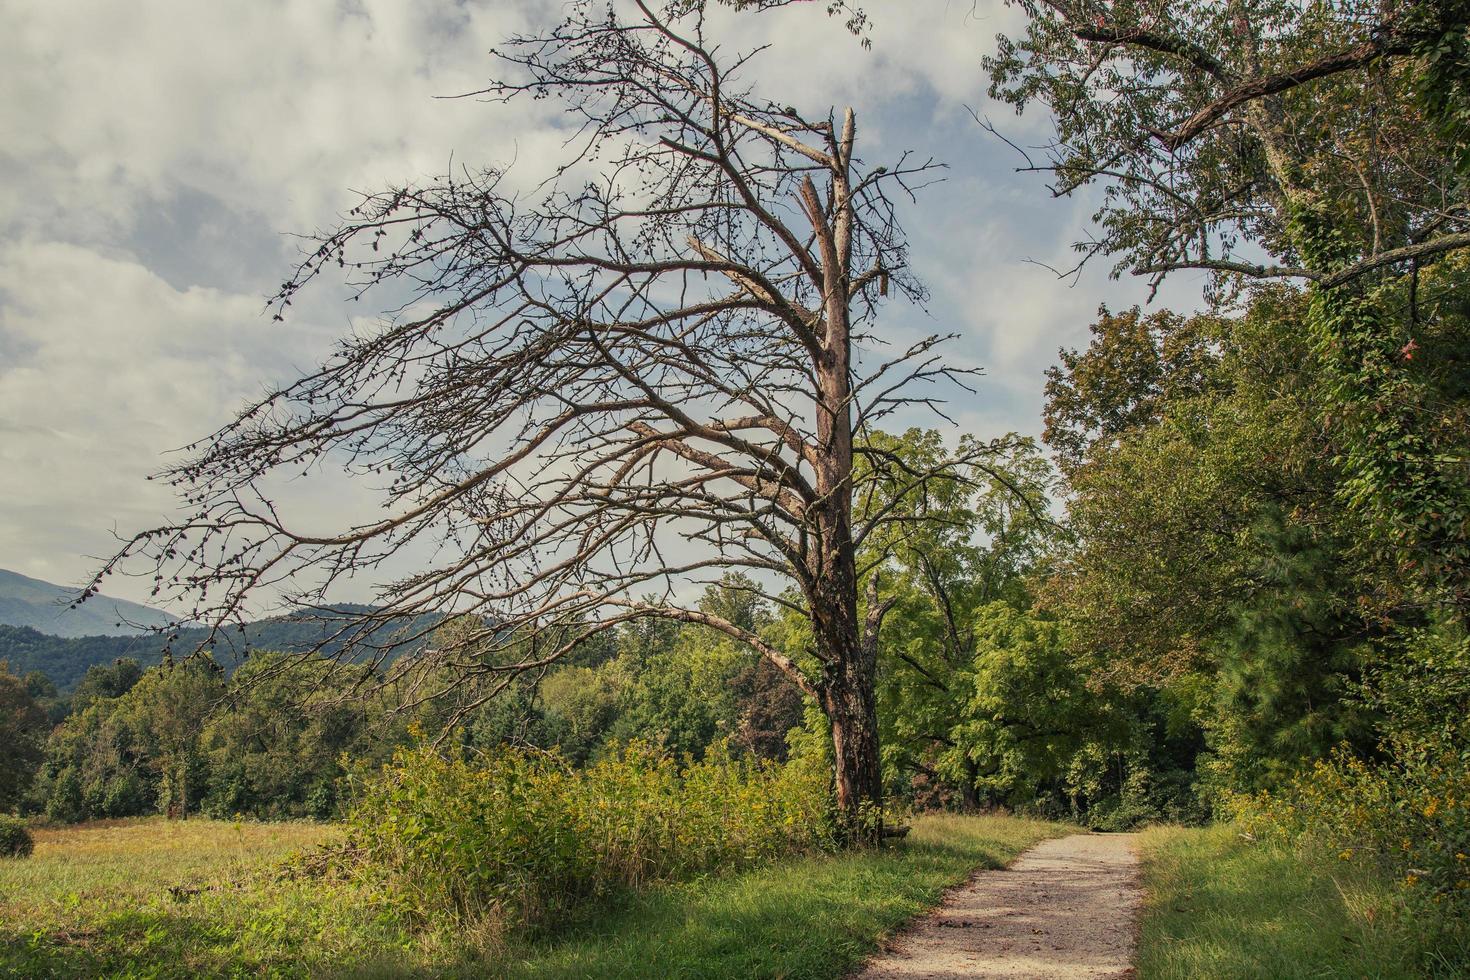 Weg in einen Wald foto